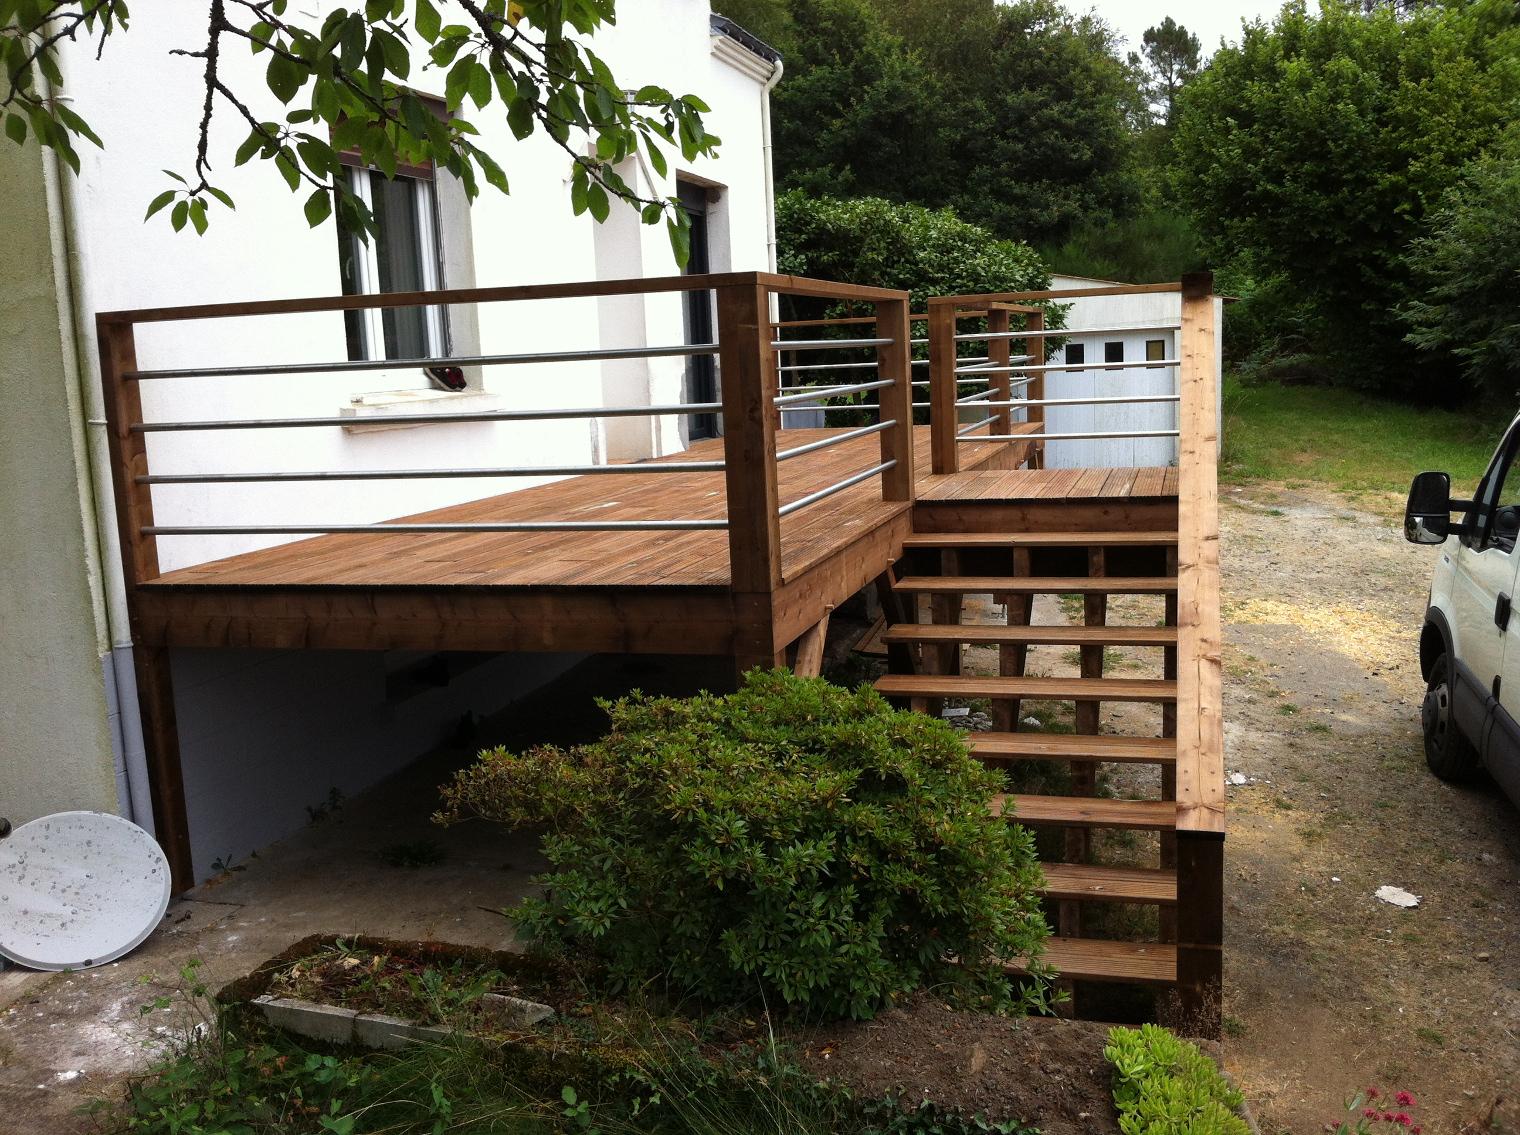 Réalisation d'un terrasse bois traité classe 4 pigmenté marron y compris escalier et balustre bois inox